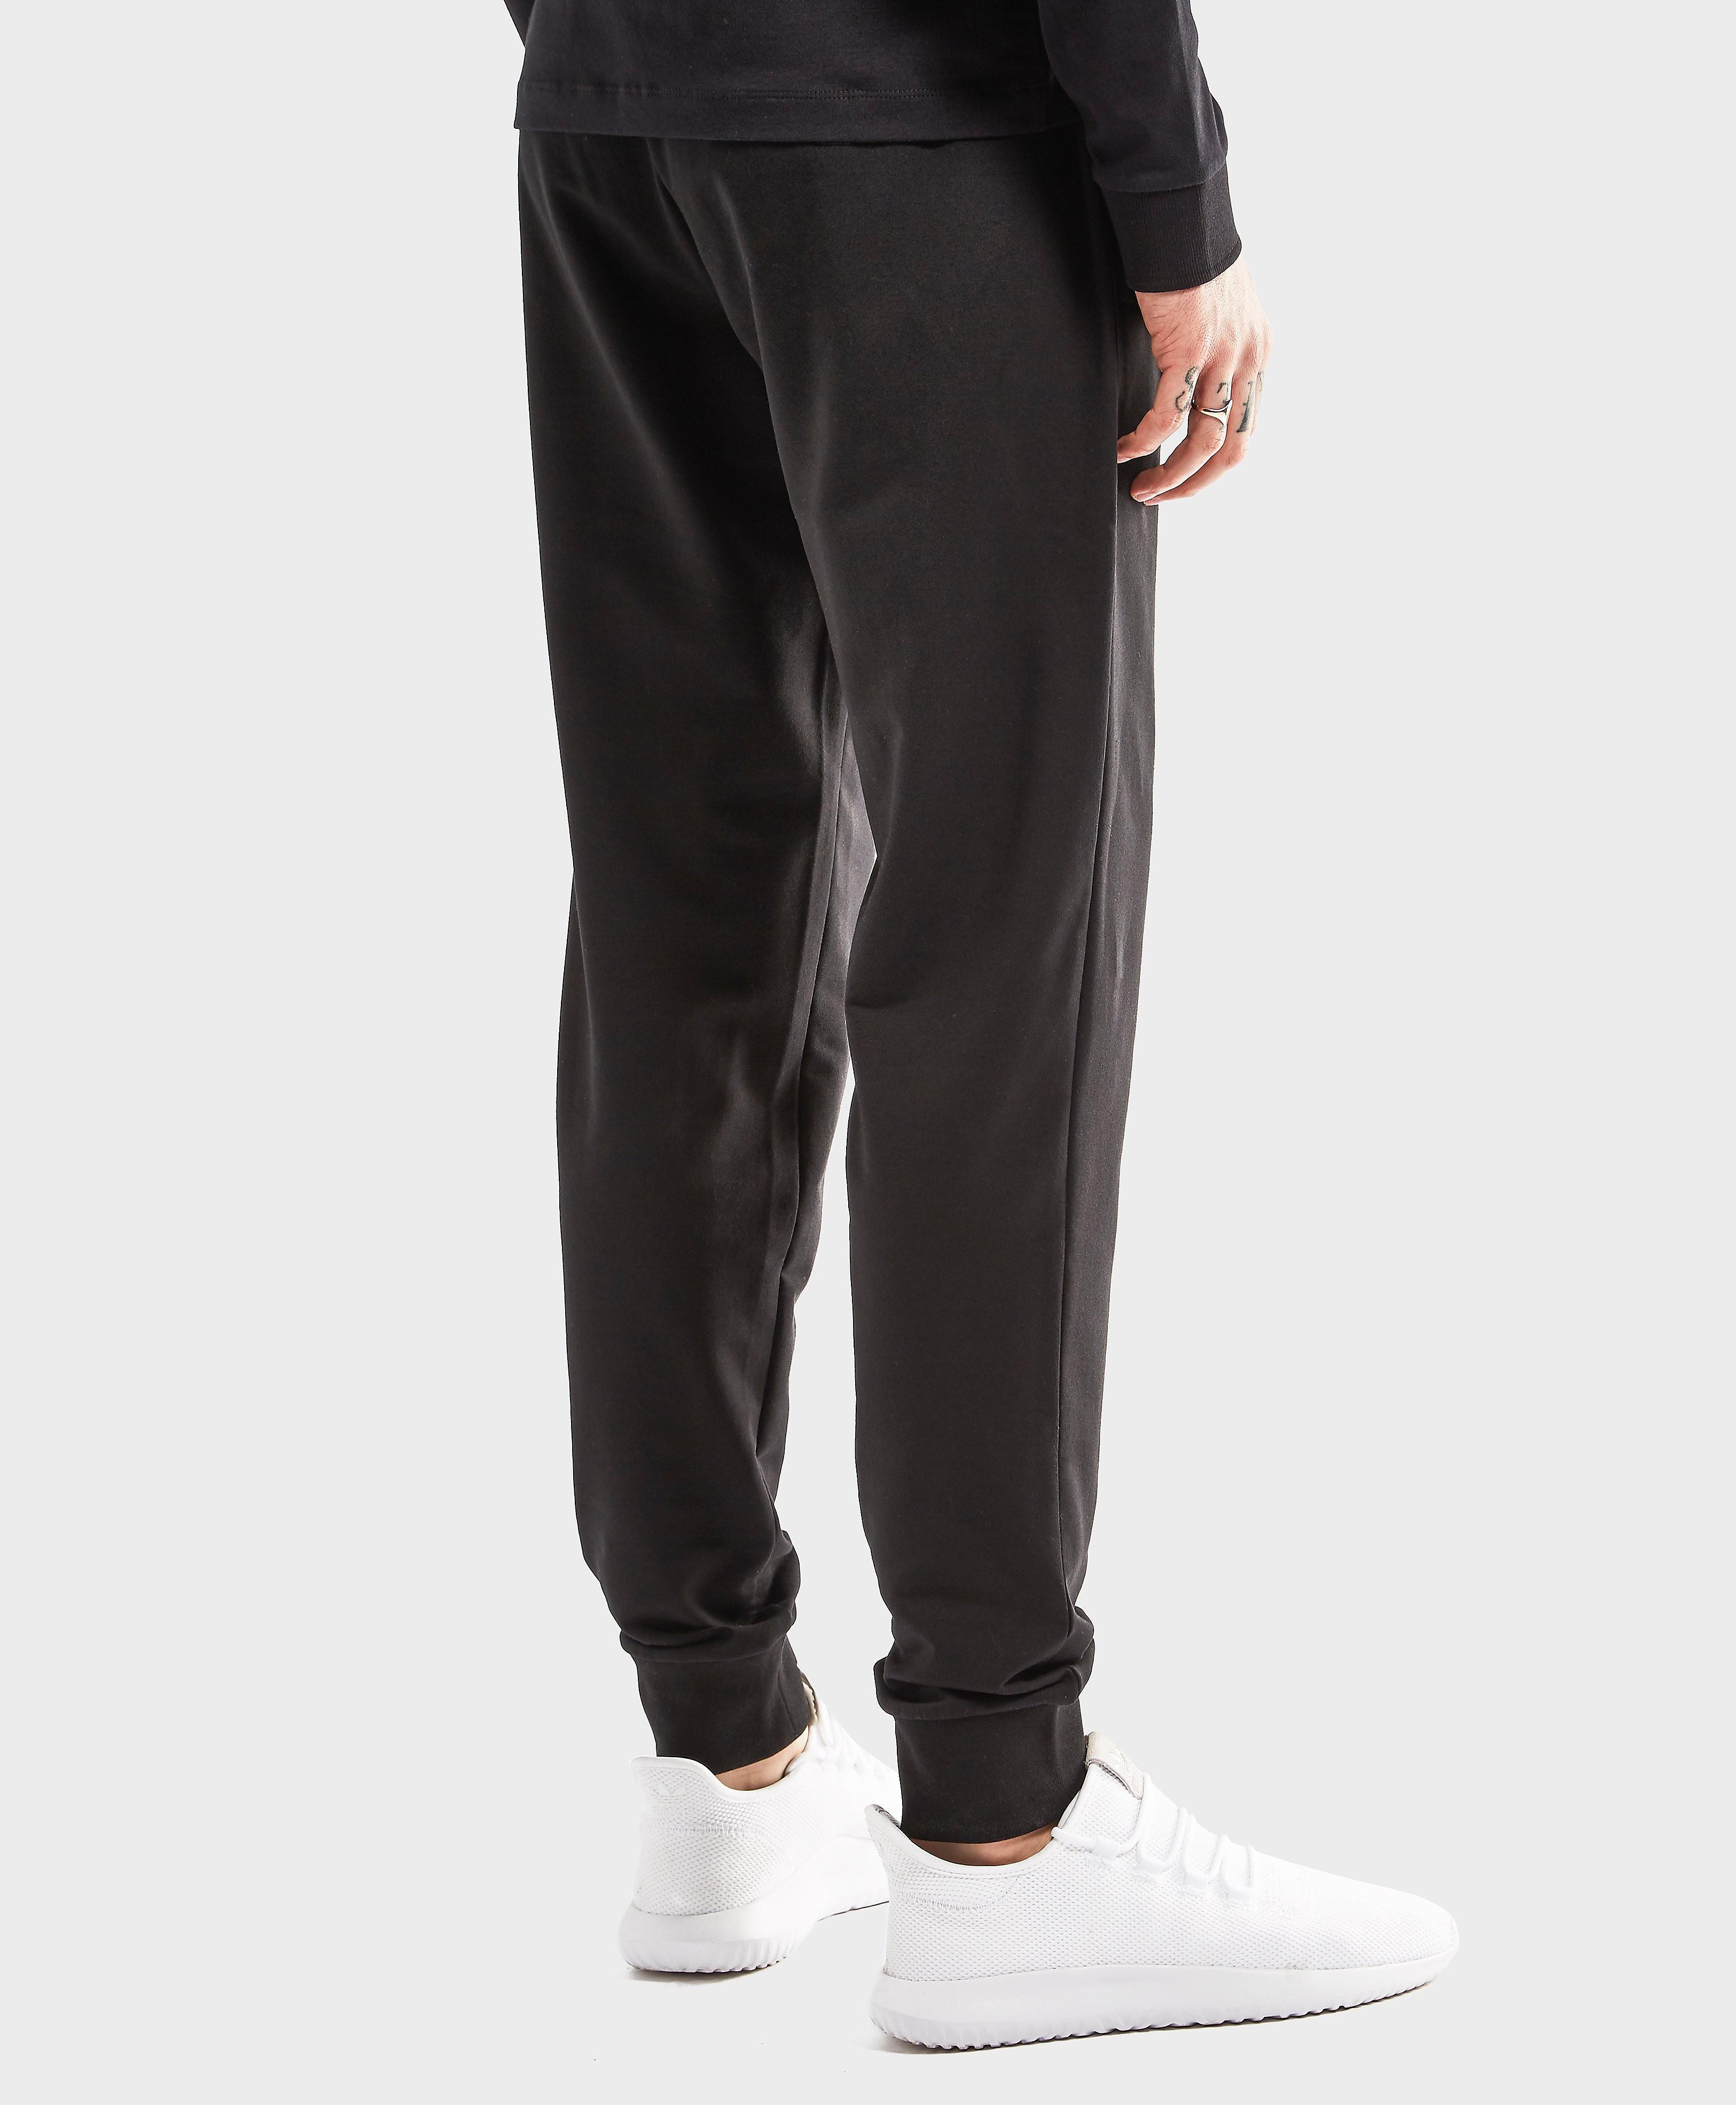 Emporio Armani EA7 Soccer Cuffed Track Pants